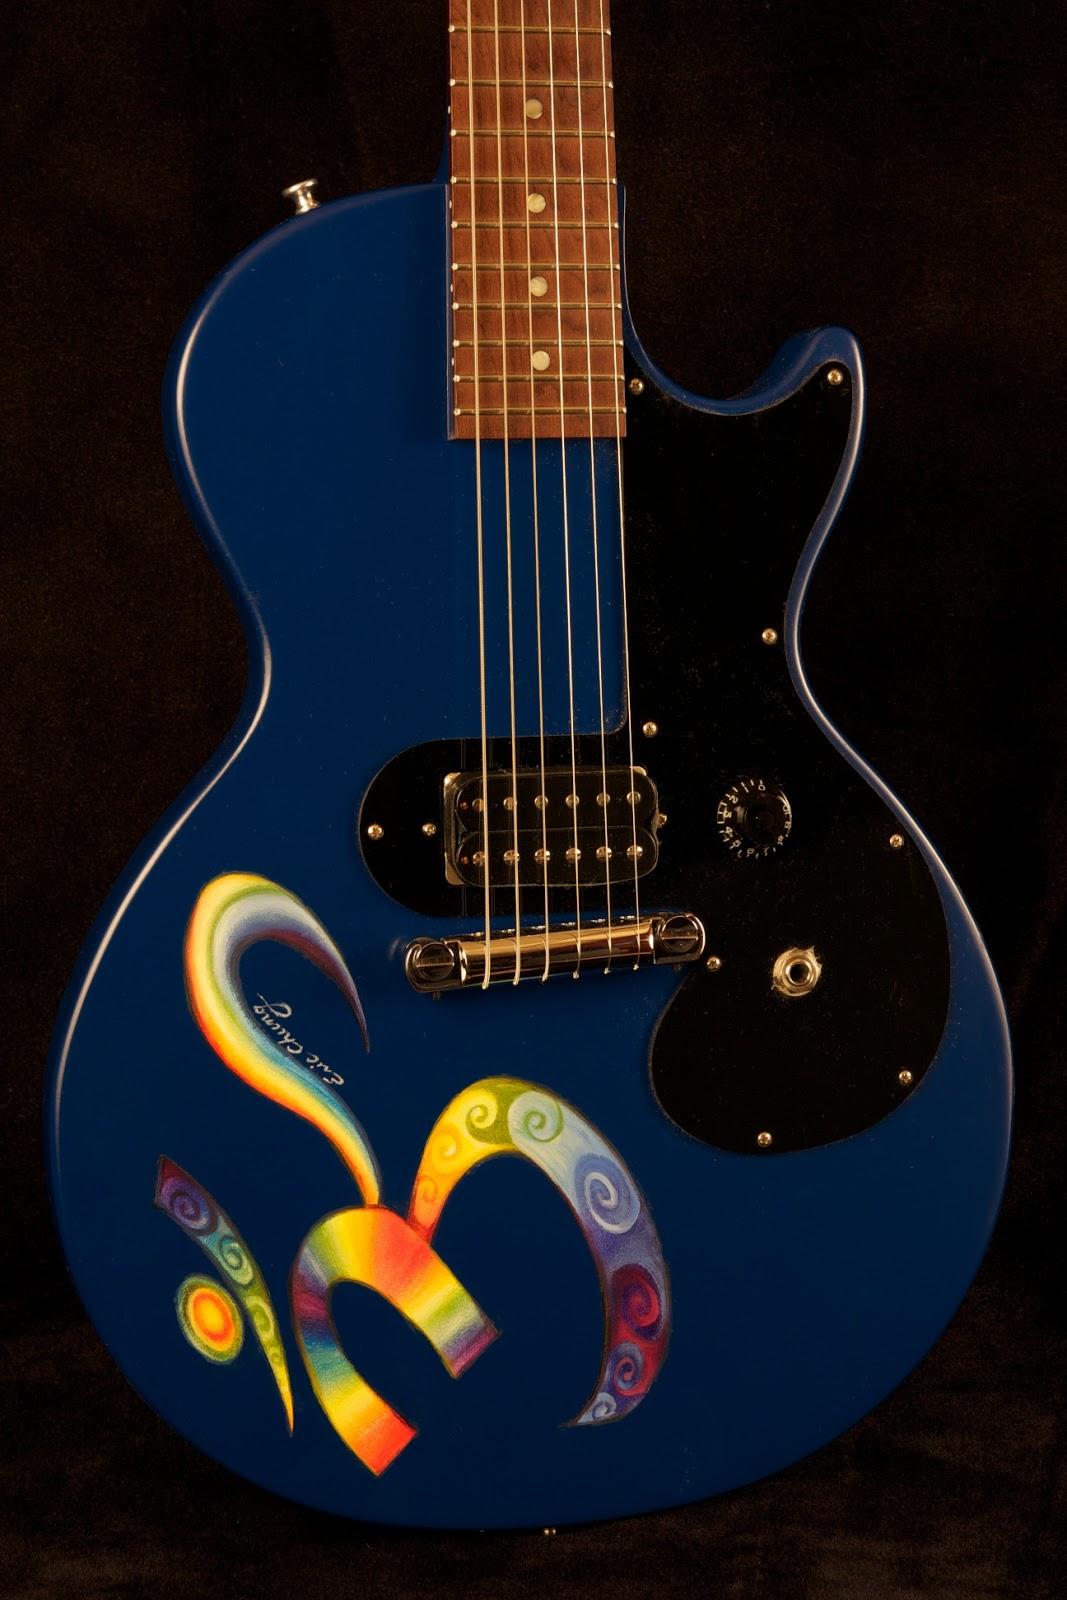 25 unique and crazy custom guitar designs  Blog of